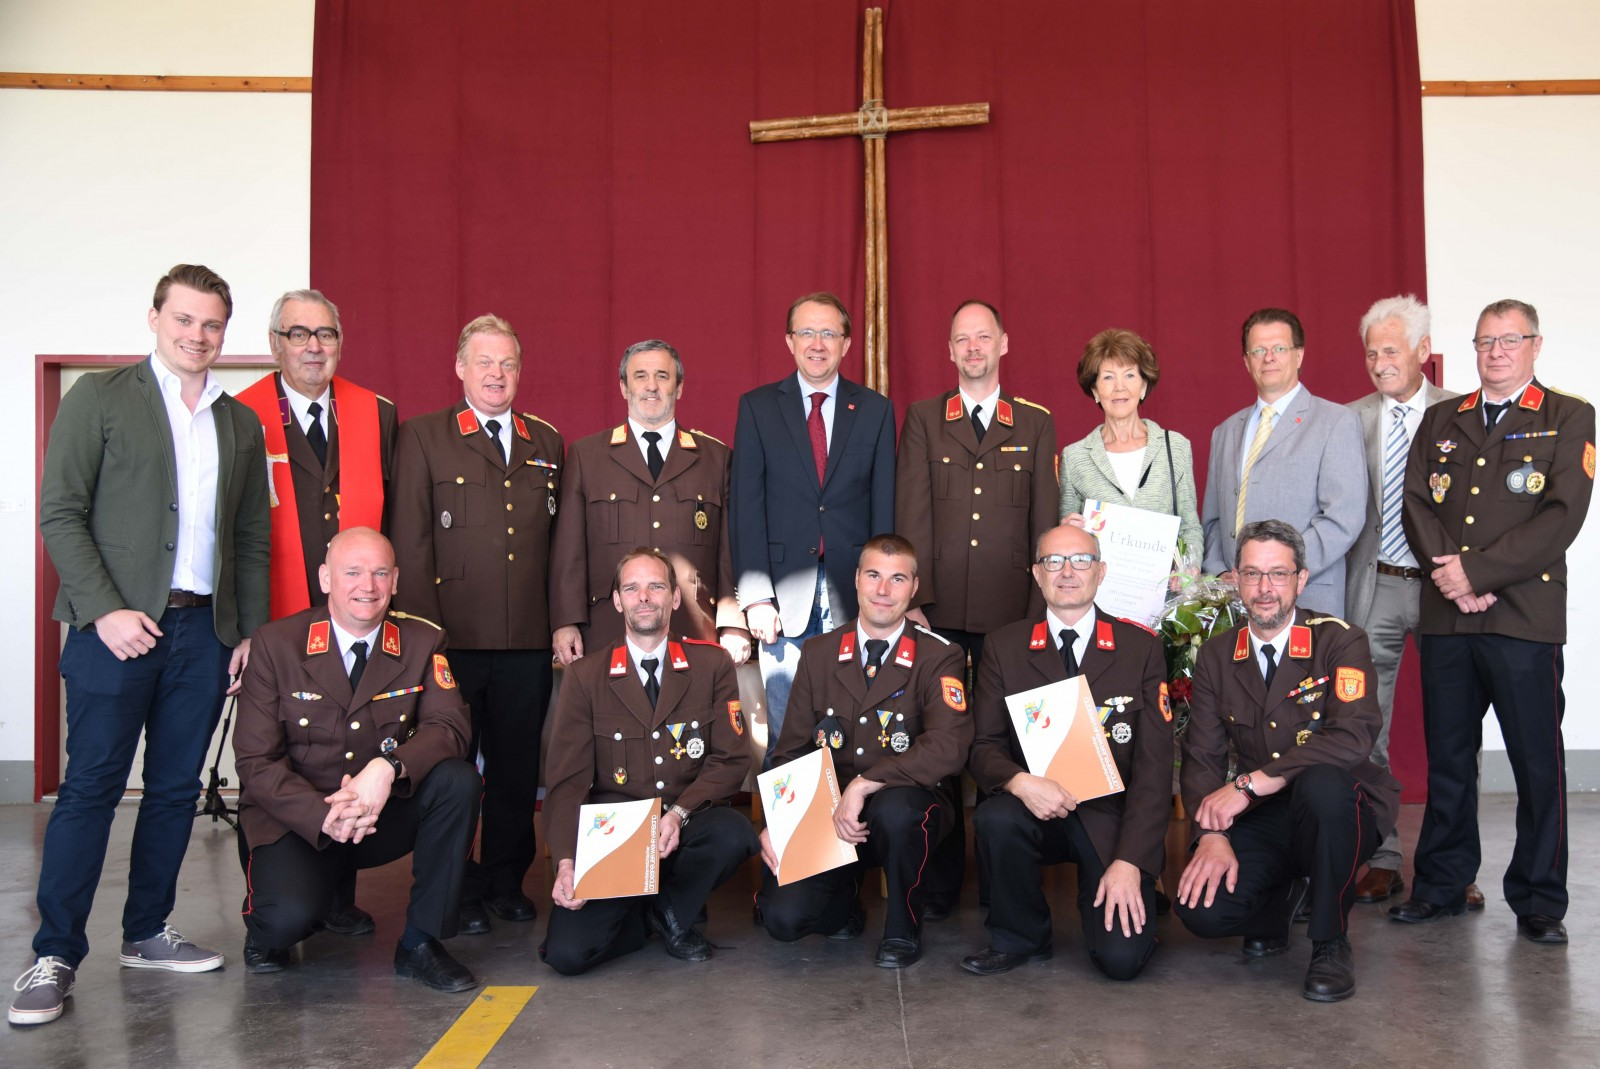 Foto: Feuerwehr St.Georgen, Christoph Eque